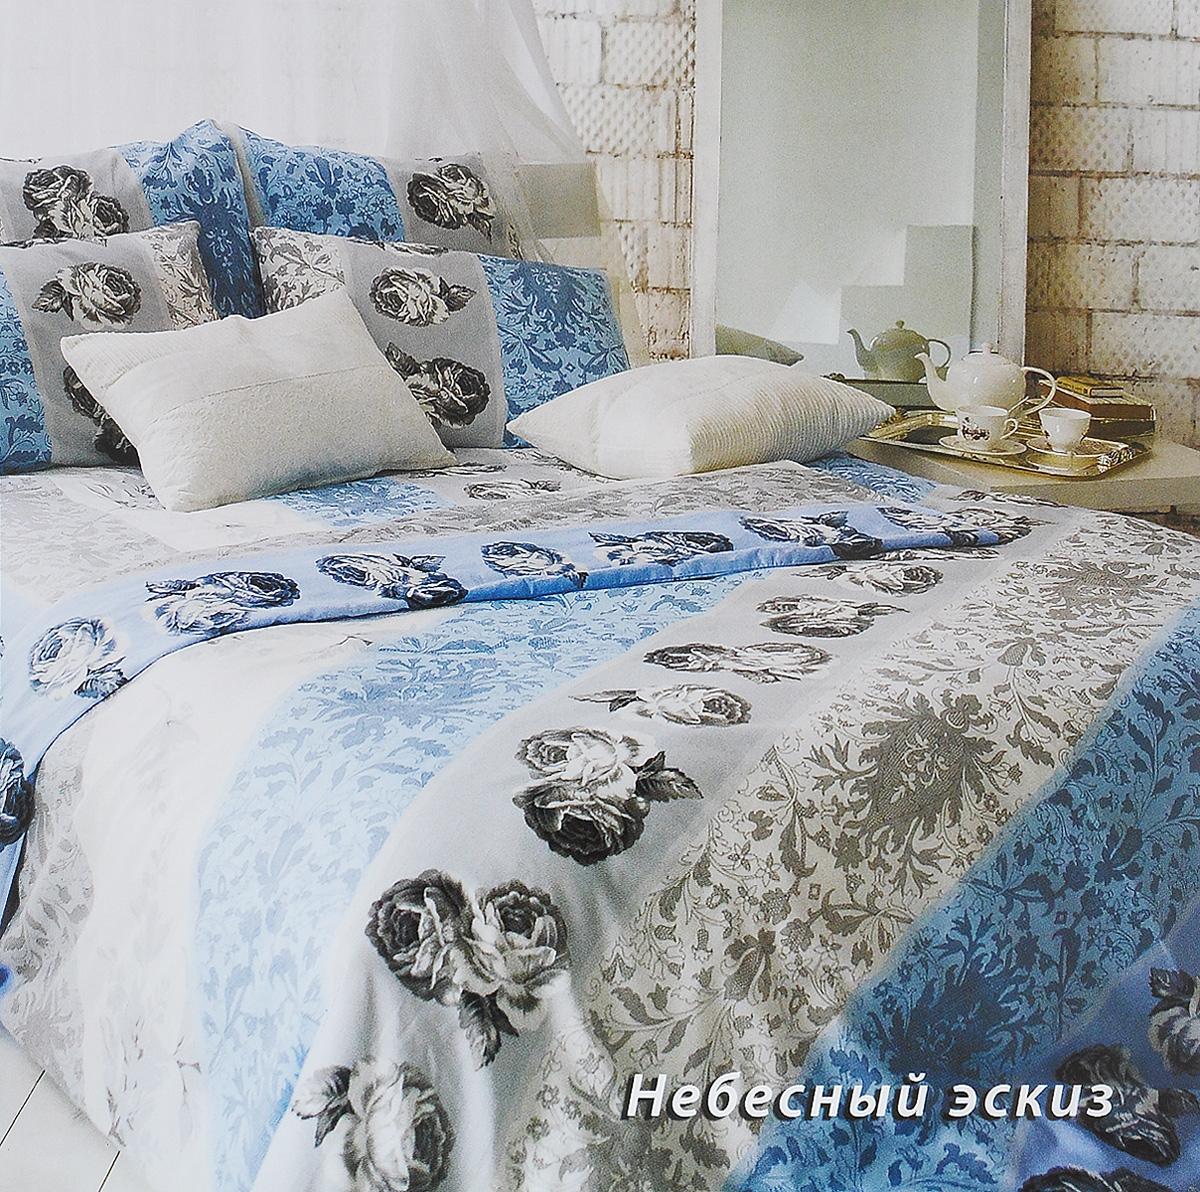 Комплект белья Tiffanys Secret Небесный эскиз, евро, наволочки 70х70, цвет: голубой, белый, серыйDAVC150Комплект постельного белья Tiffanys Secret Небесный эскиз является экологически безопасным для всей семьи, так как выполнен из сатина (100% хлопок). Комплект состоит из пододеяльника, простыни и двух наволочек. Предметы комплекта оформлены оригинальным рисунком.Благодаря такому комплекту постельного белья вы сможете создать атмосферу уюта и комфорта в вашей спальне.Сатин - это ткань, навсегда покорившая сердца человечества. Ценившие роскошь персы называли ее атлас, а искушенные в прекрасном французы - сатин. Секрет высококачественного сатина в безупречности всего технологического процесса. Эту благородную ткань делают только из отборной натуральной пряжи, которую получают из самого лучшего тонковолокнистого хлопка. Благодаря использованию самой тонкой хлопковой нити получается необычайно мягкое и нежное полотно. Сатиновое постельное белье превращает жаркие летние ночи в прохладные и освежающие, а холодные зимние - в теплые и согревающие. Сатин очень приятен на ощупь, постельное белье из него долговечно, выдерживает более 300 стирок, и лишь спустя долгое время материал начинает немного тускнеть. Оцените все достоинства постельного белья из сатина, выбирая самое лучшее для себя!